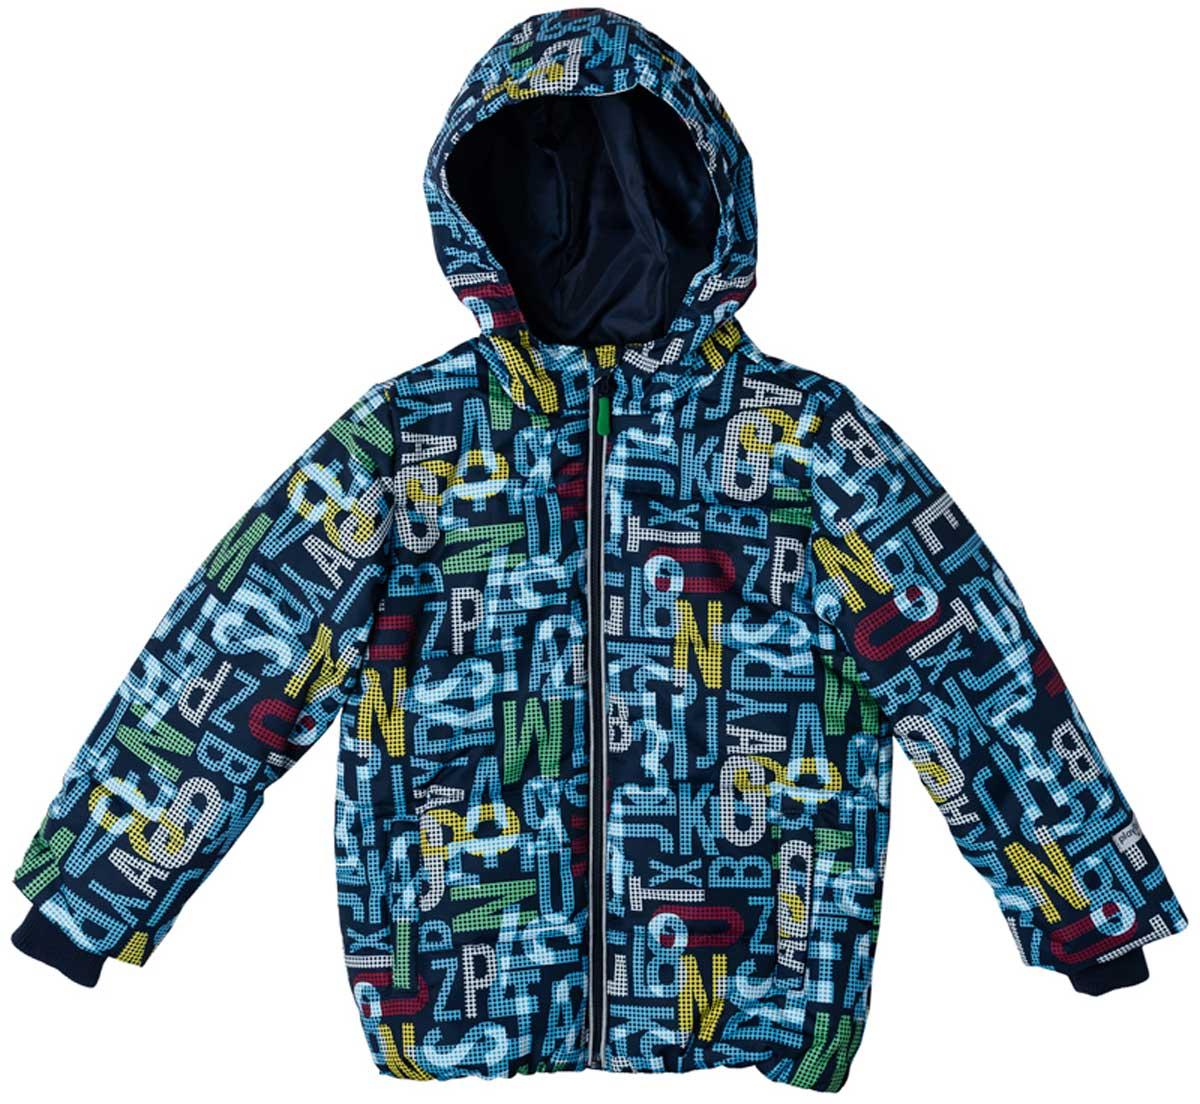 Куртка171001Практичная утепленная куртка со специальной водоотталкивающей пропиткой защитит вашего ребенка в любую погоду! Мягкие трикотажные резинки на рукавах защитят вашего ребенка - ветер не сможет проникнуть под куртку. Специальный карман для фиксации застежки-молнии не позволит застежке травмировать нежную детскую кожу. Даже у самого активного ребенка капюшон не спадет с головы за счет удобного регулируемого шнура - кулиски. Модель снабжена светоотражателями на рукаве и по низу изделия - ваш ребенок будет виден даже в темное время суток